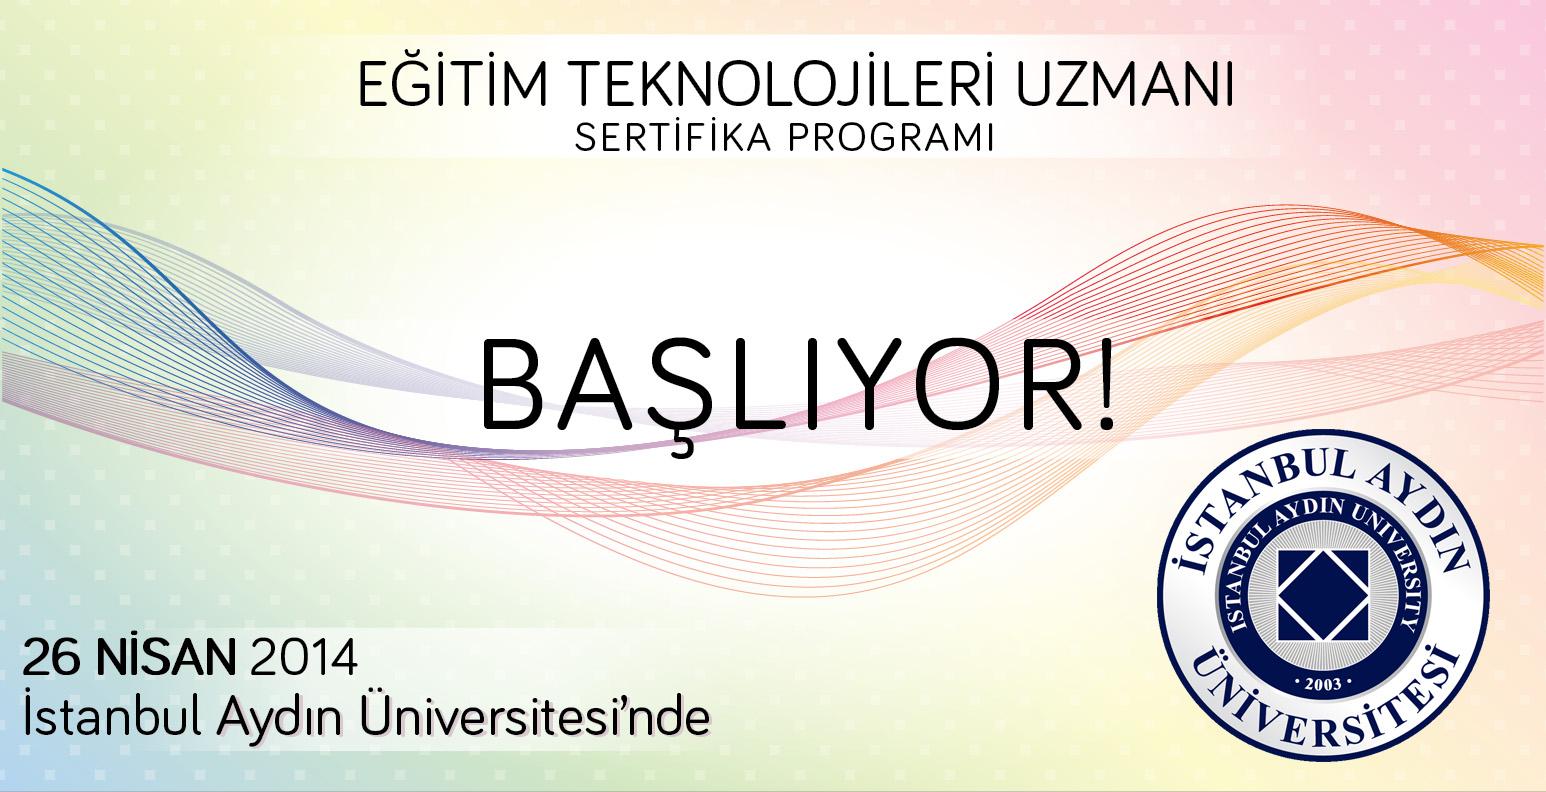 egitimtek-egitim-teknolojileri-uzmani-sertifika-programi